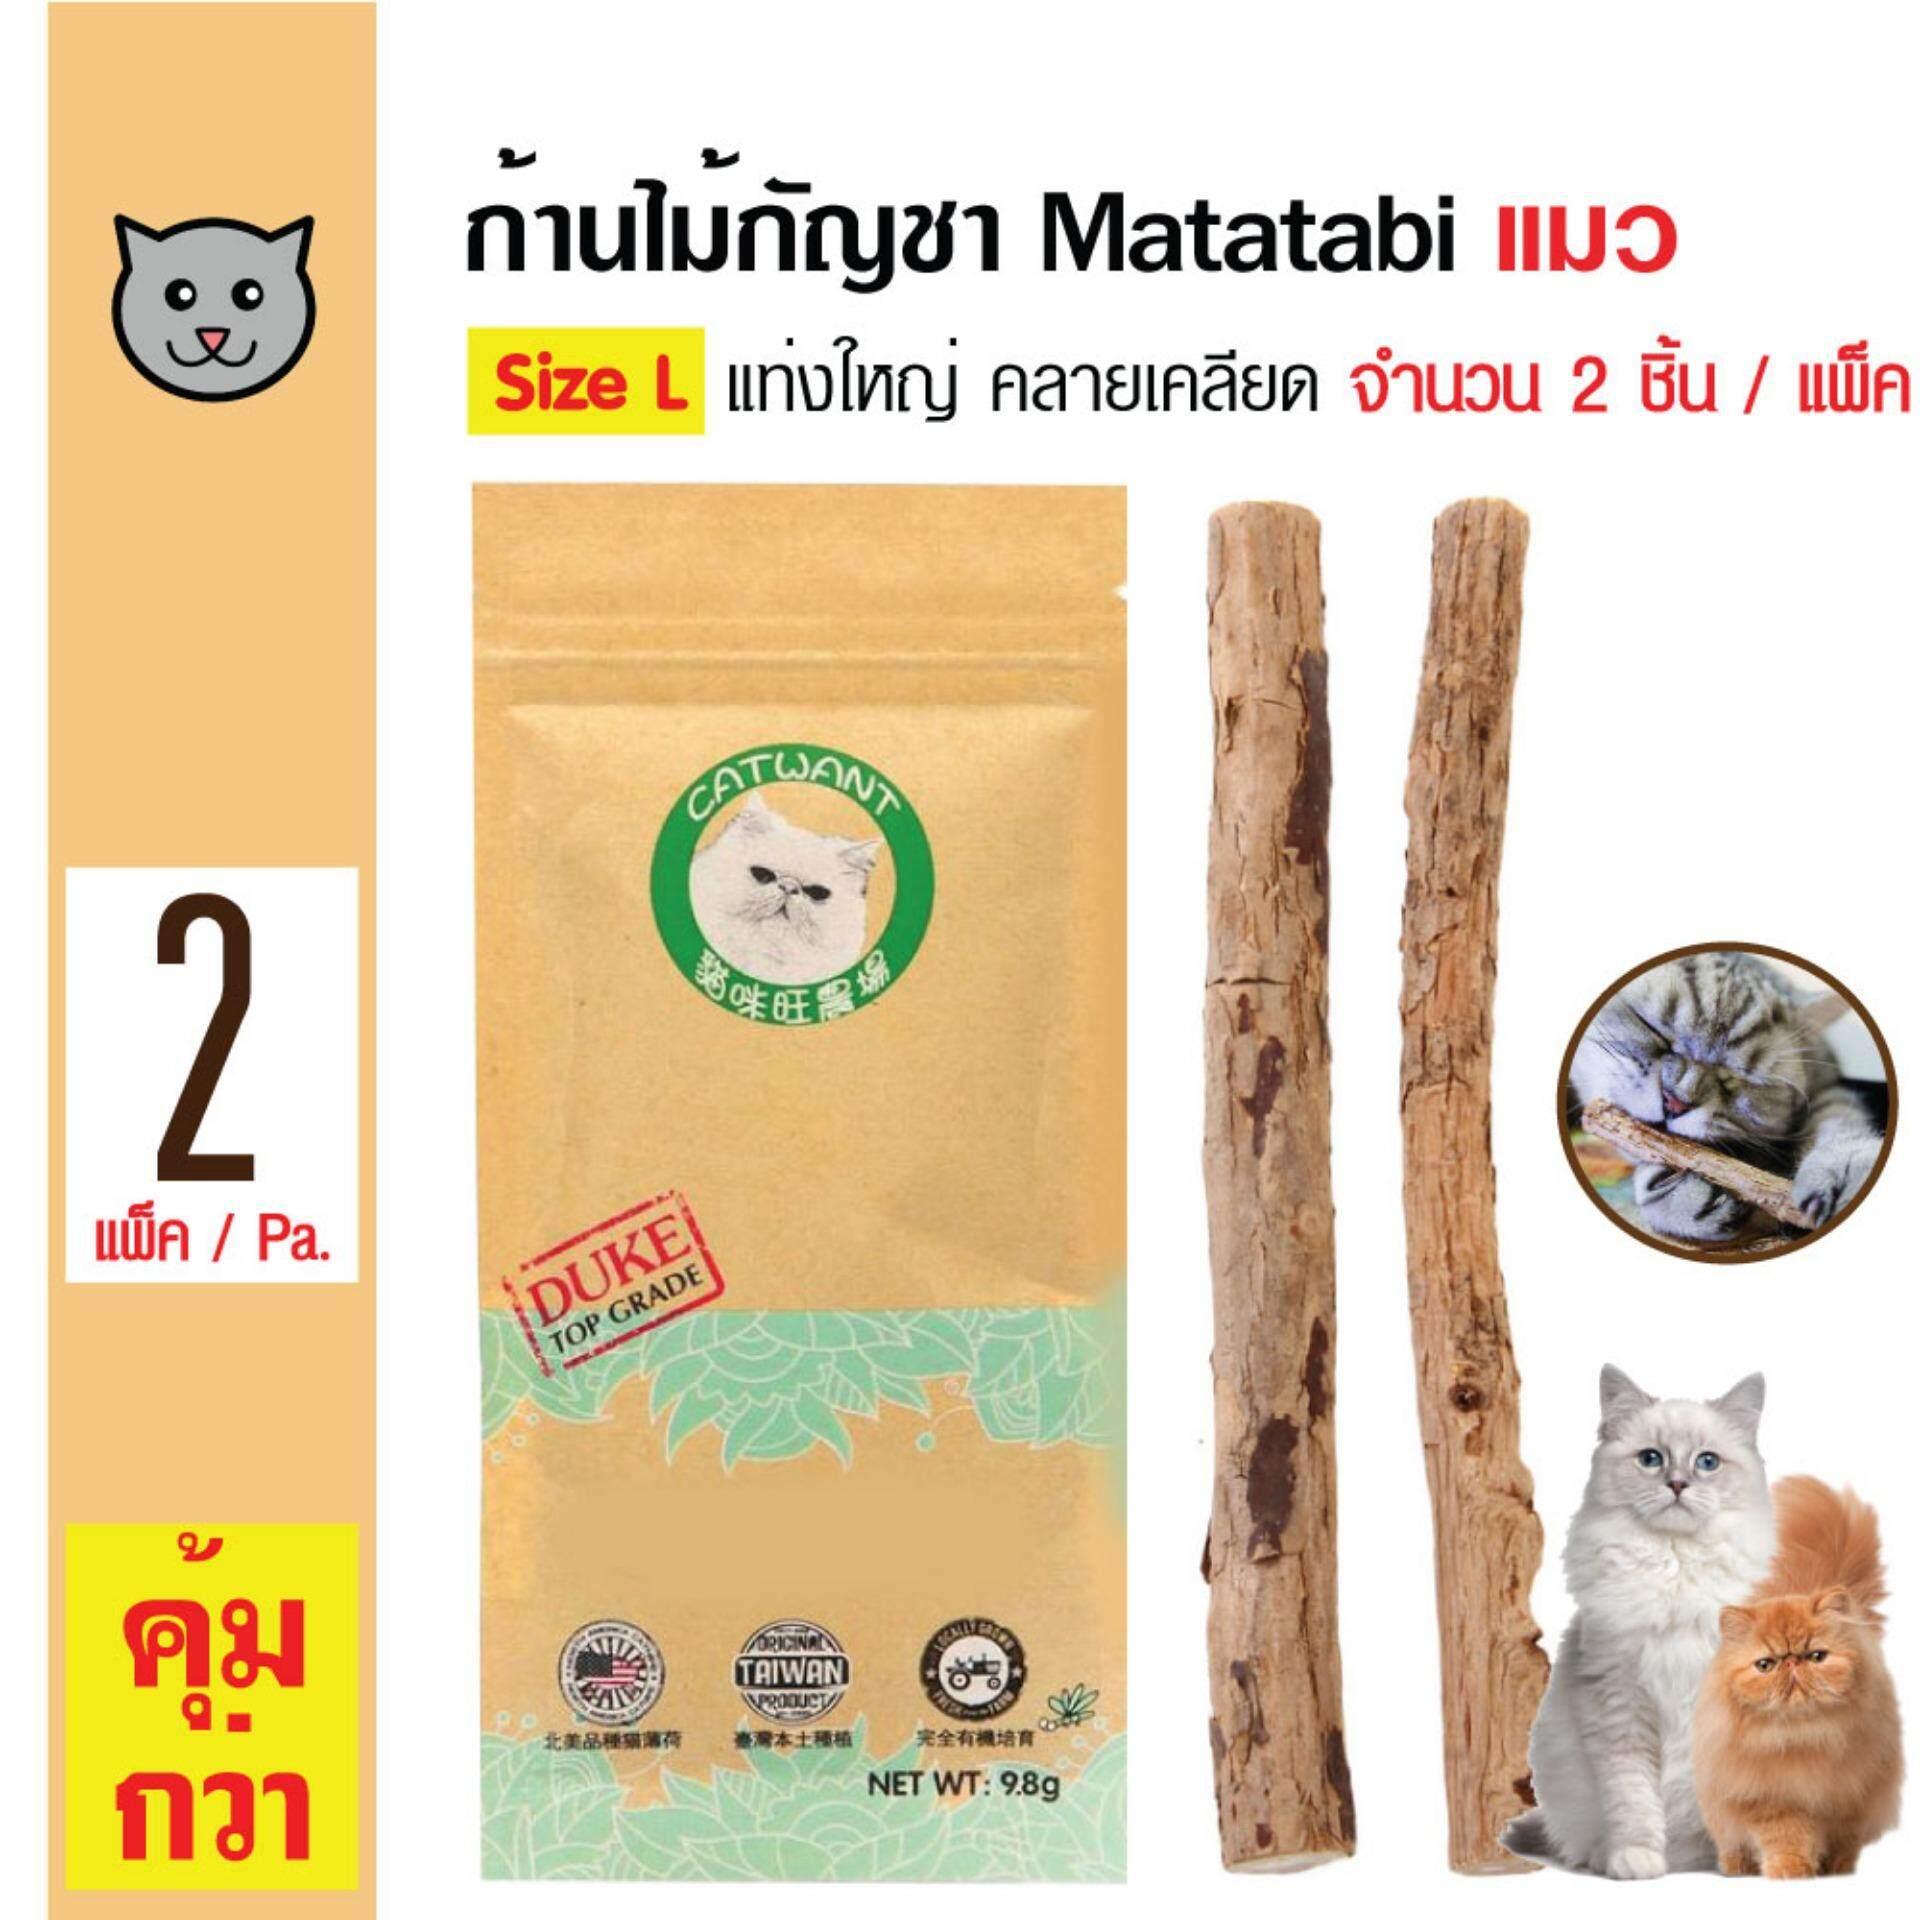 โปรโมชั่น Matatabi Stick ก้านไม้มาทาทาบิ ขนมแมว ของเล่นแมว ก้านไม้ขนาดใหญ่ ตำแยแมว กัญชาแมว สำหรับแมวทุกสายพันธุ์ 2 แท่ง แพ็ค X 2 แพ็ค